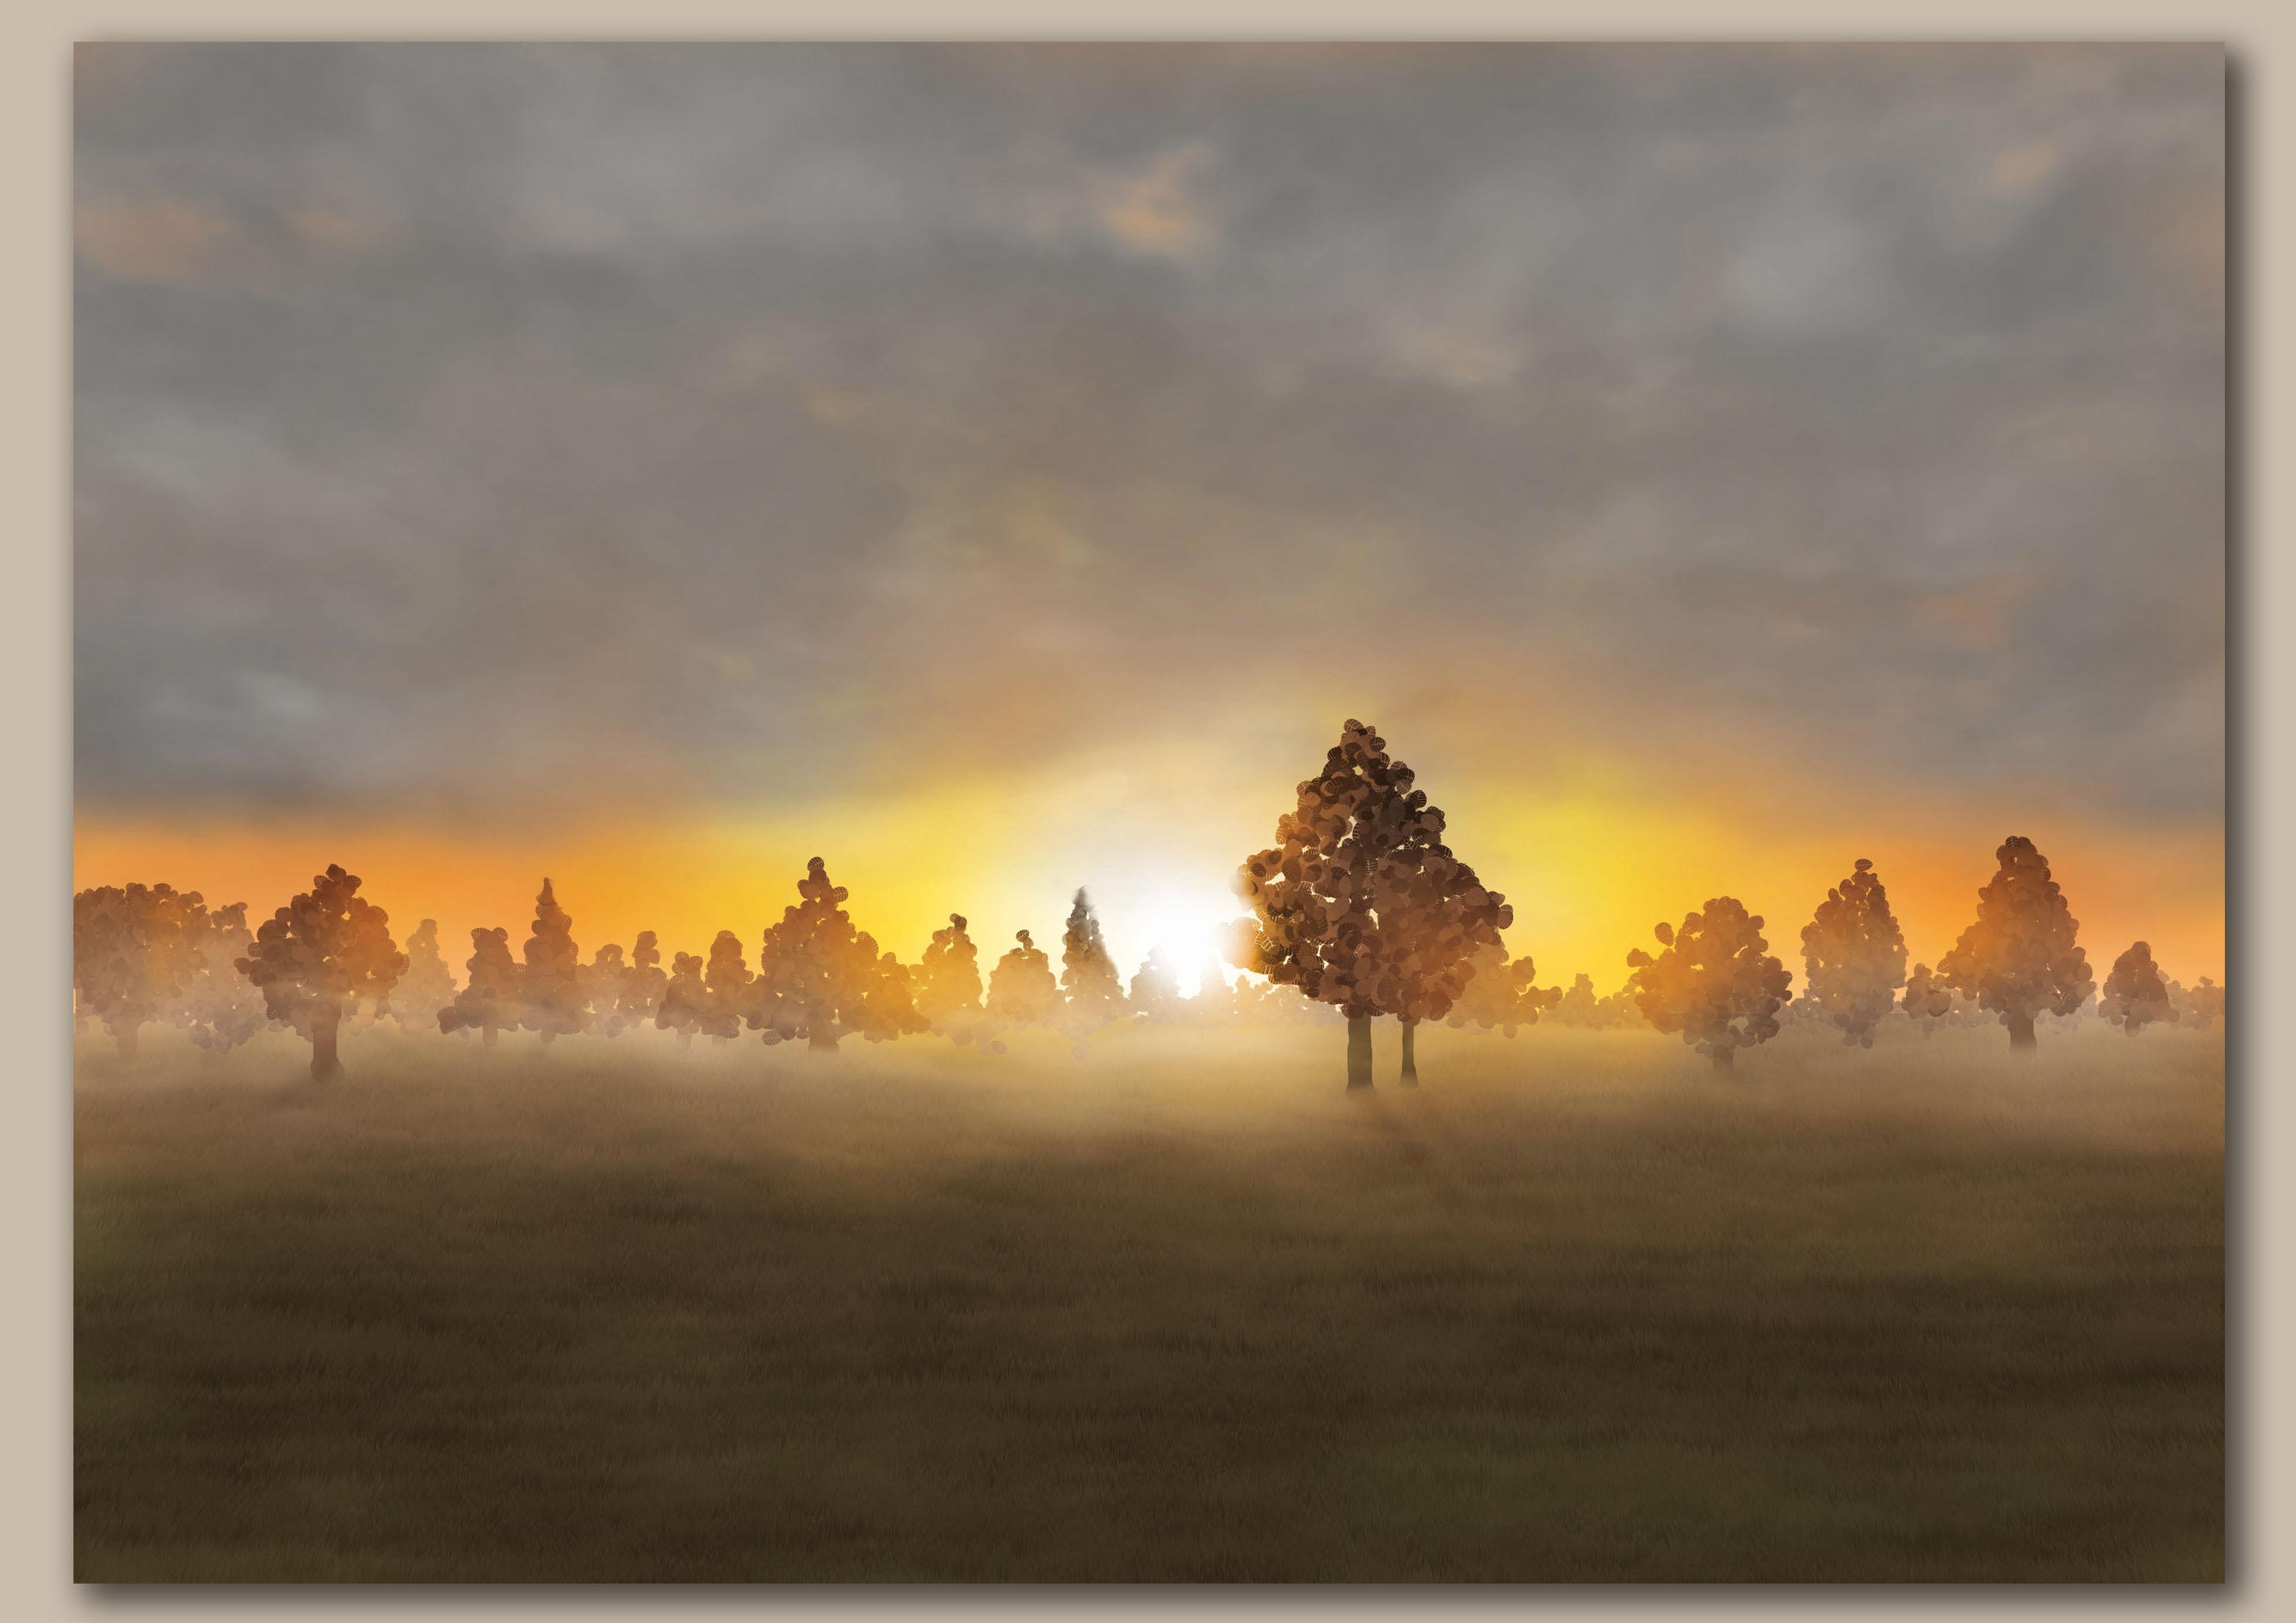 Opkomende zon door bomen over een weiland met velle oranje gloed